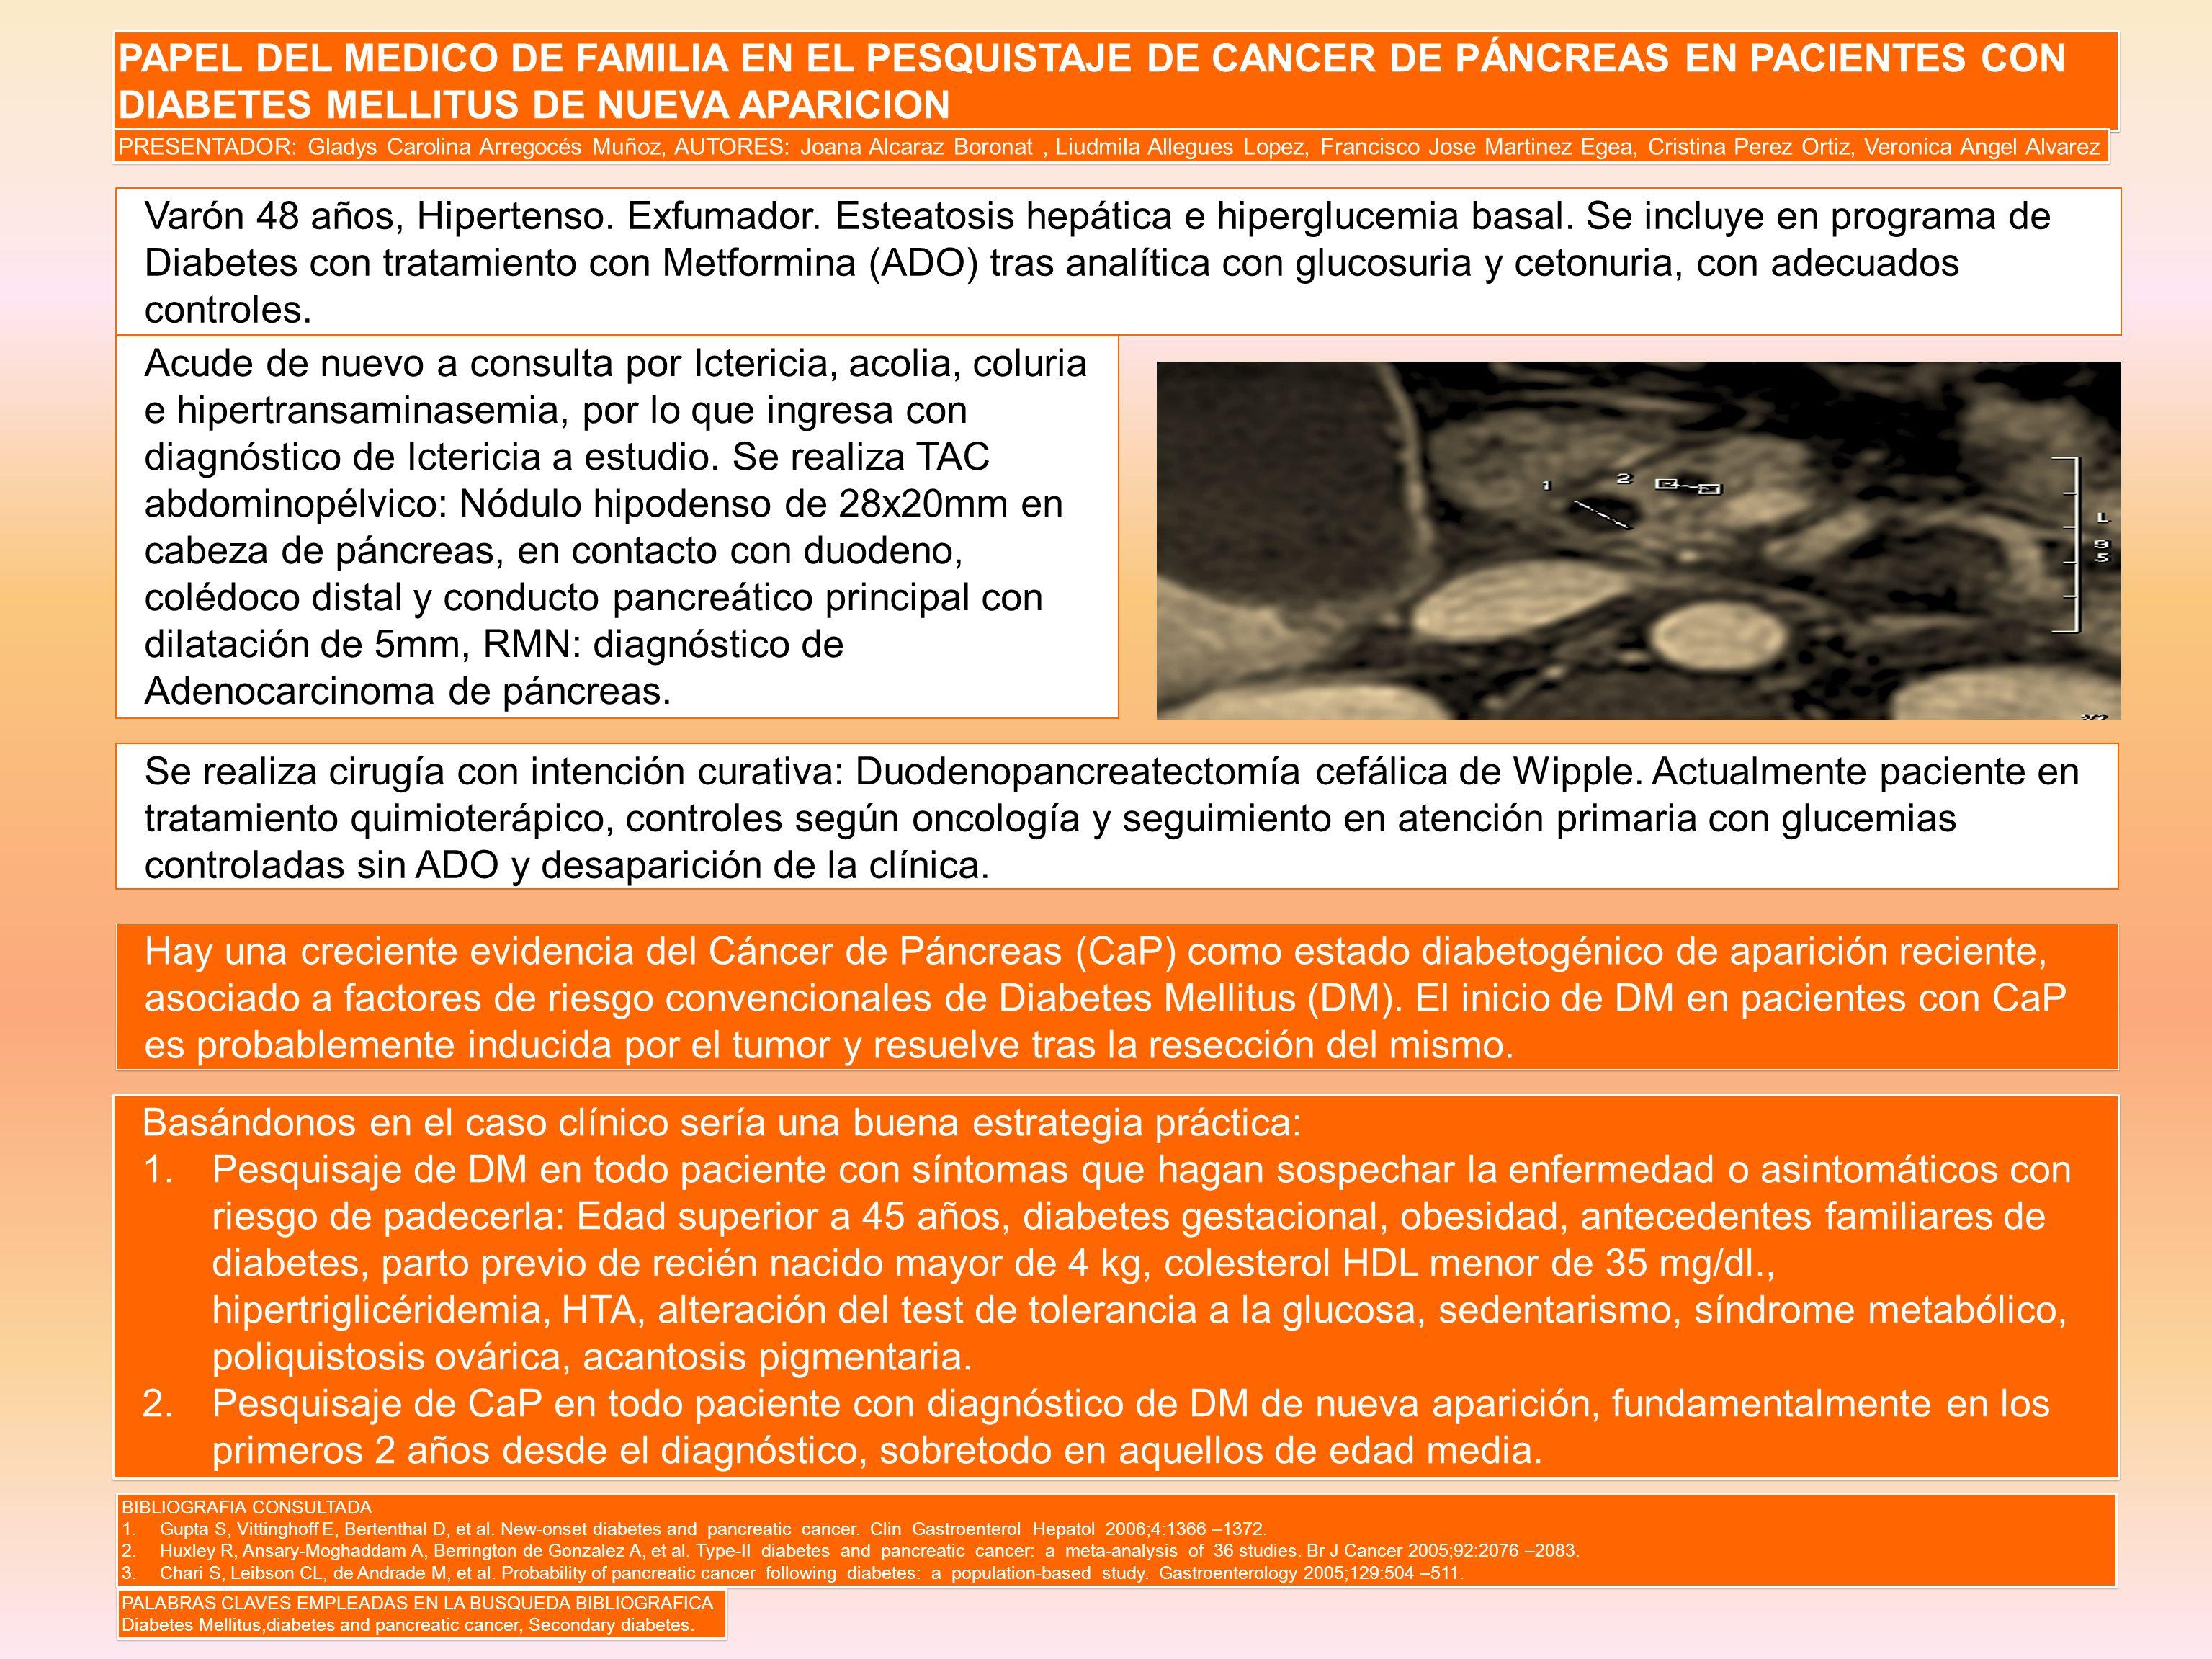 PAPEL DEL MEDICO DE FAMILIA EN EL PESQUISTAJE DE CANCER DE PÁNCREAS EN PACIENTES CON DIABETES MELLITUS DE NUEVA APARICION PRESENTADOR: Gladys Carolina